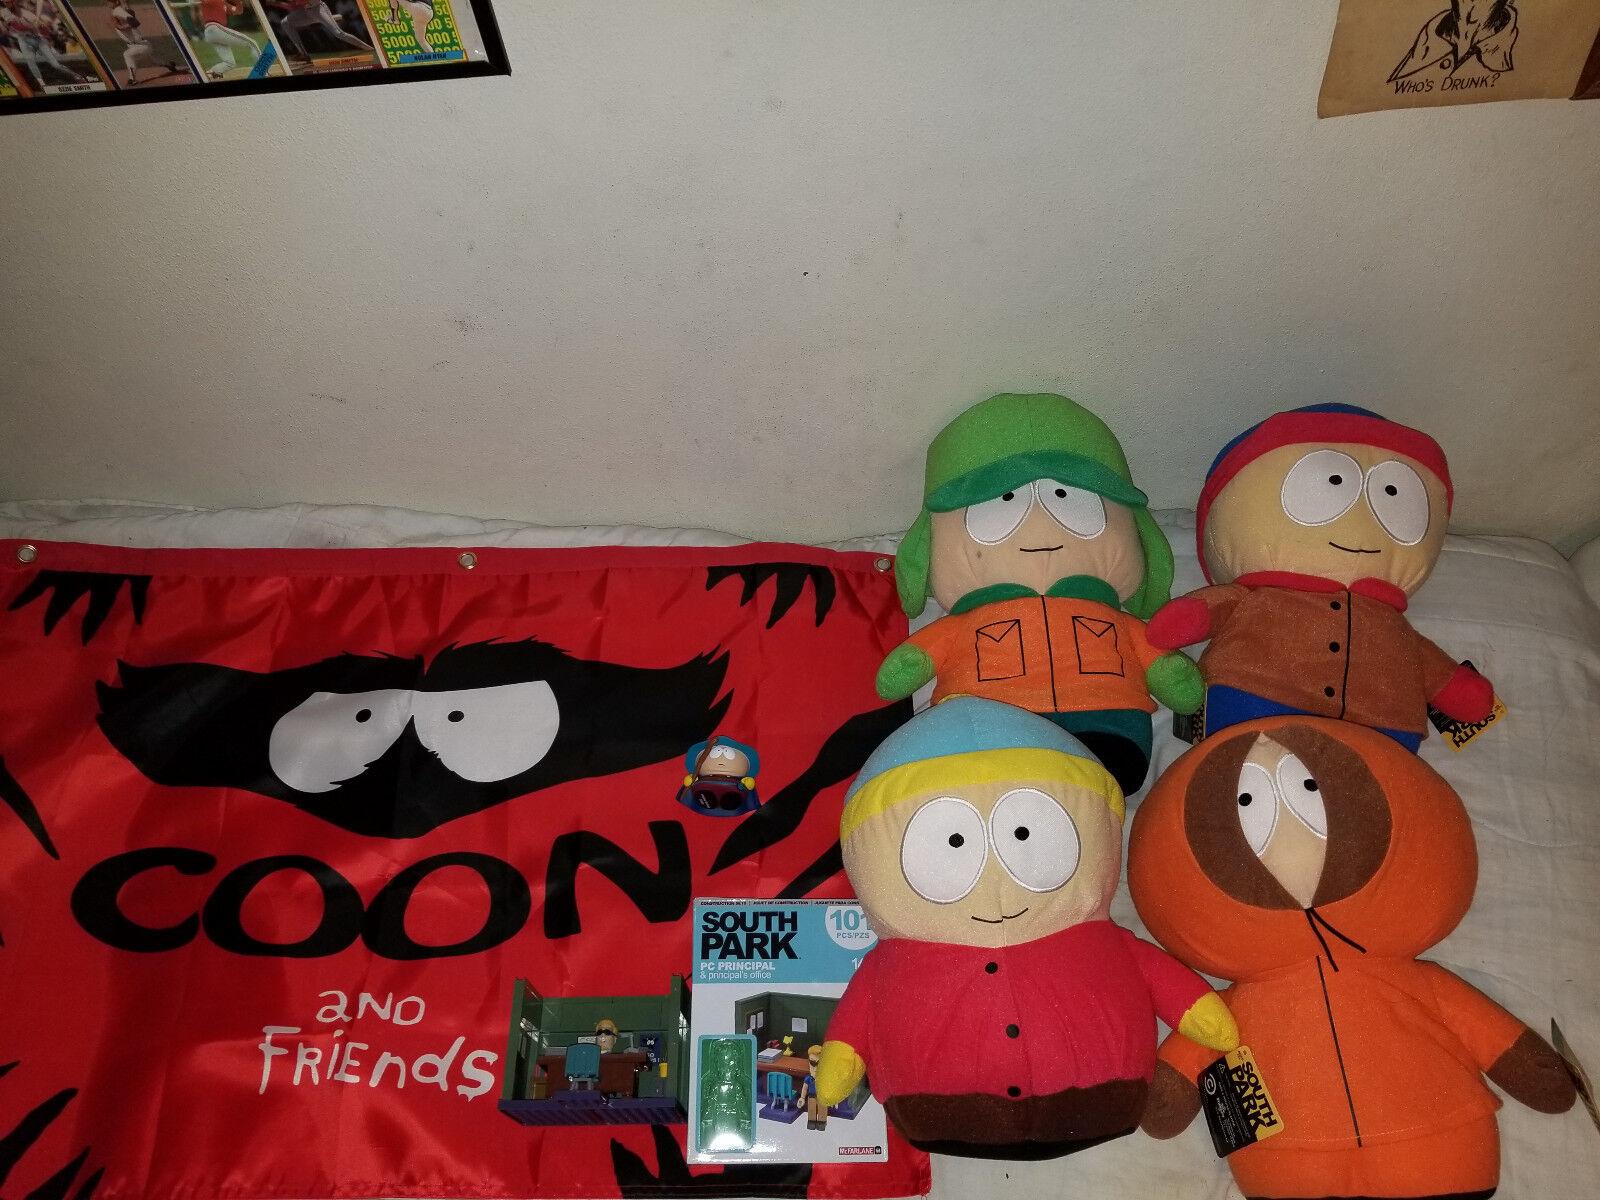 South Park Park Park Plush And Collectibles Bundle d0317a